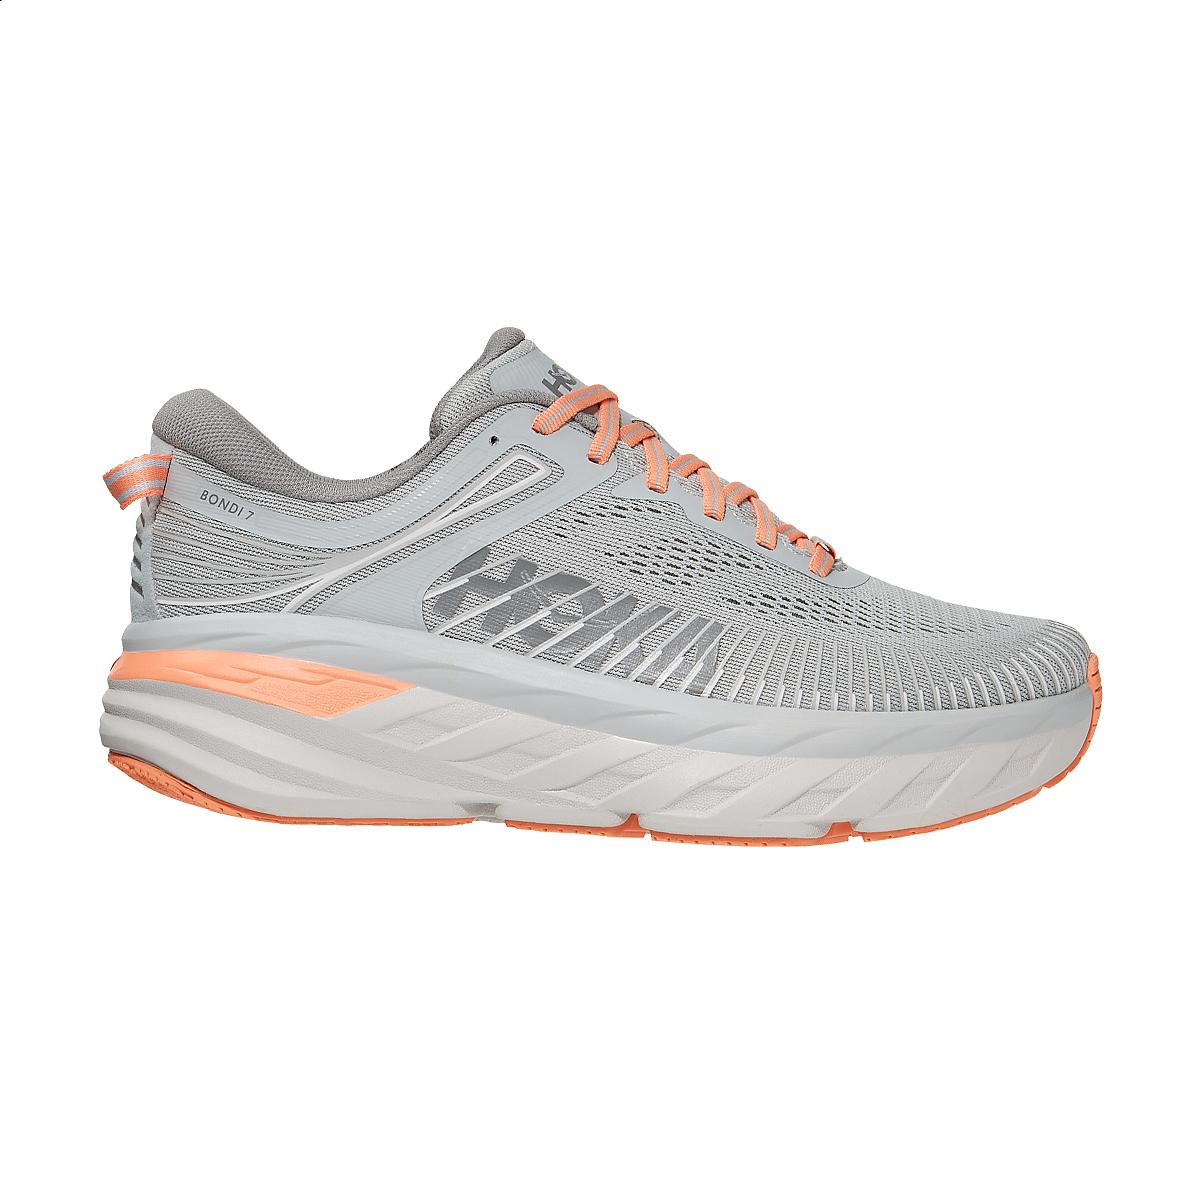 Women's Hoka One One Bondi 7 Running Shoe - Color: Harbor Mist/Sharkskin - Size: 5 - Width: Regular, Harbor Mist/Sharkskin, large, image 2